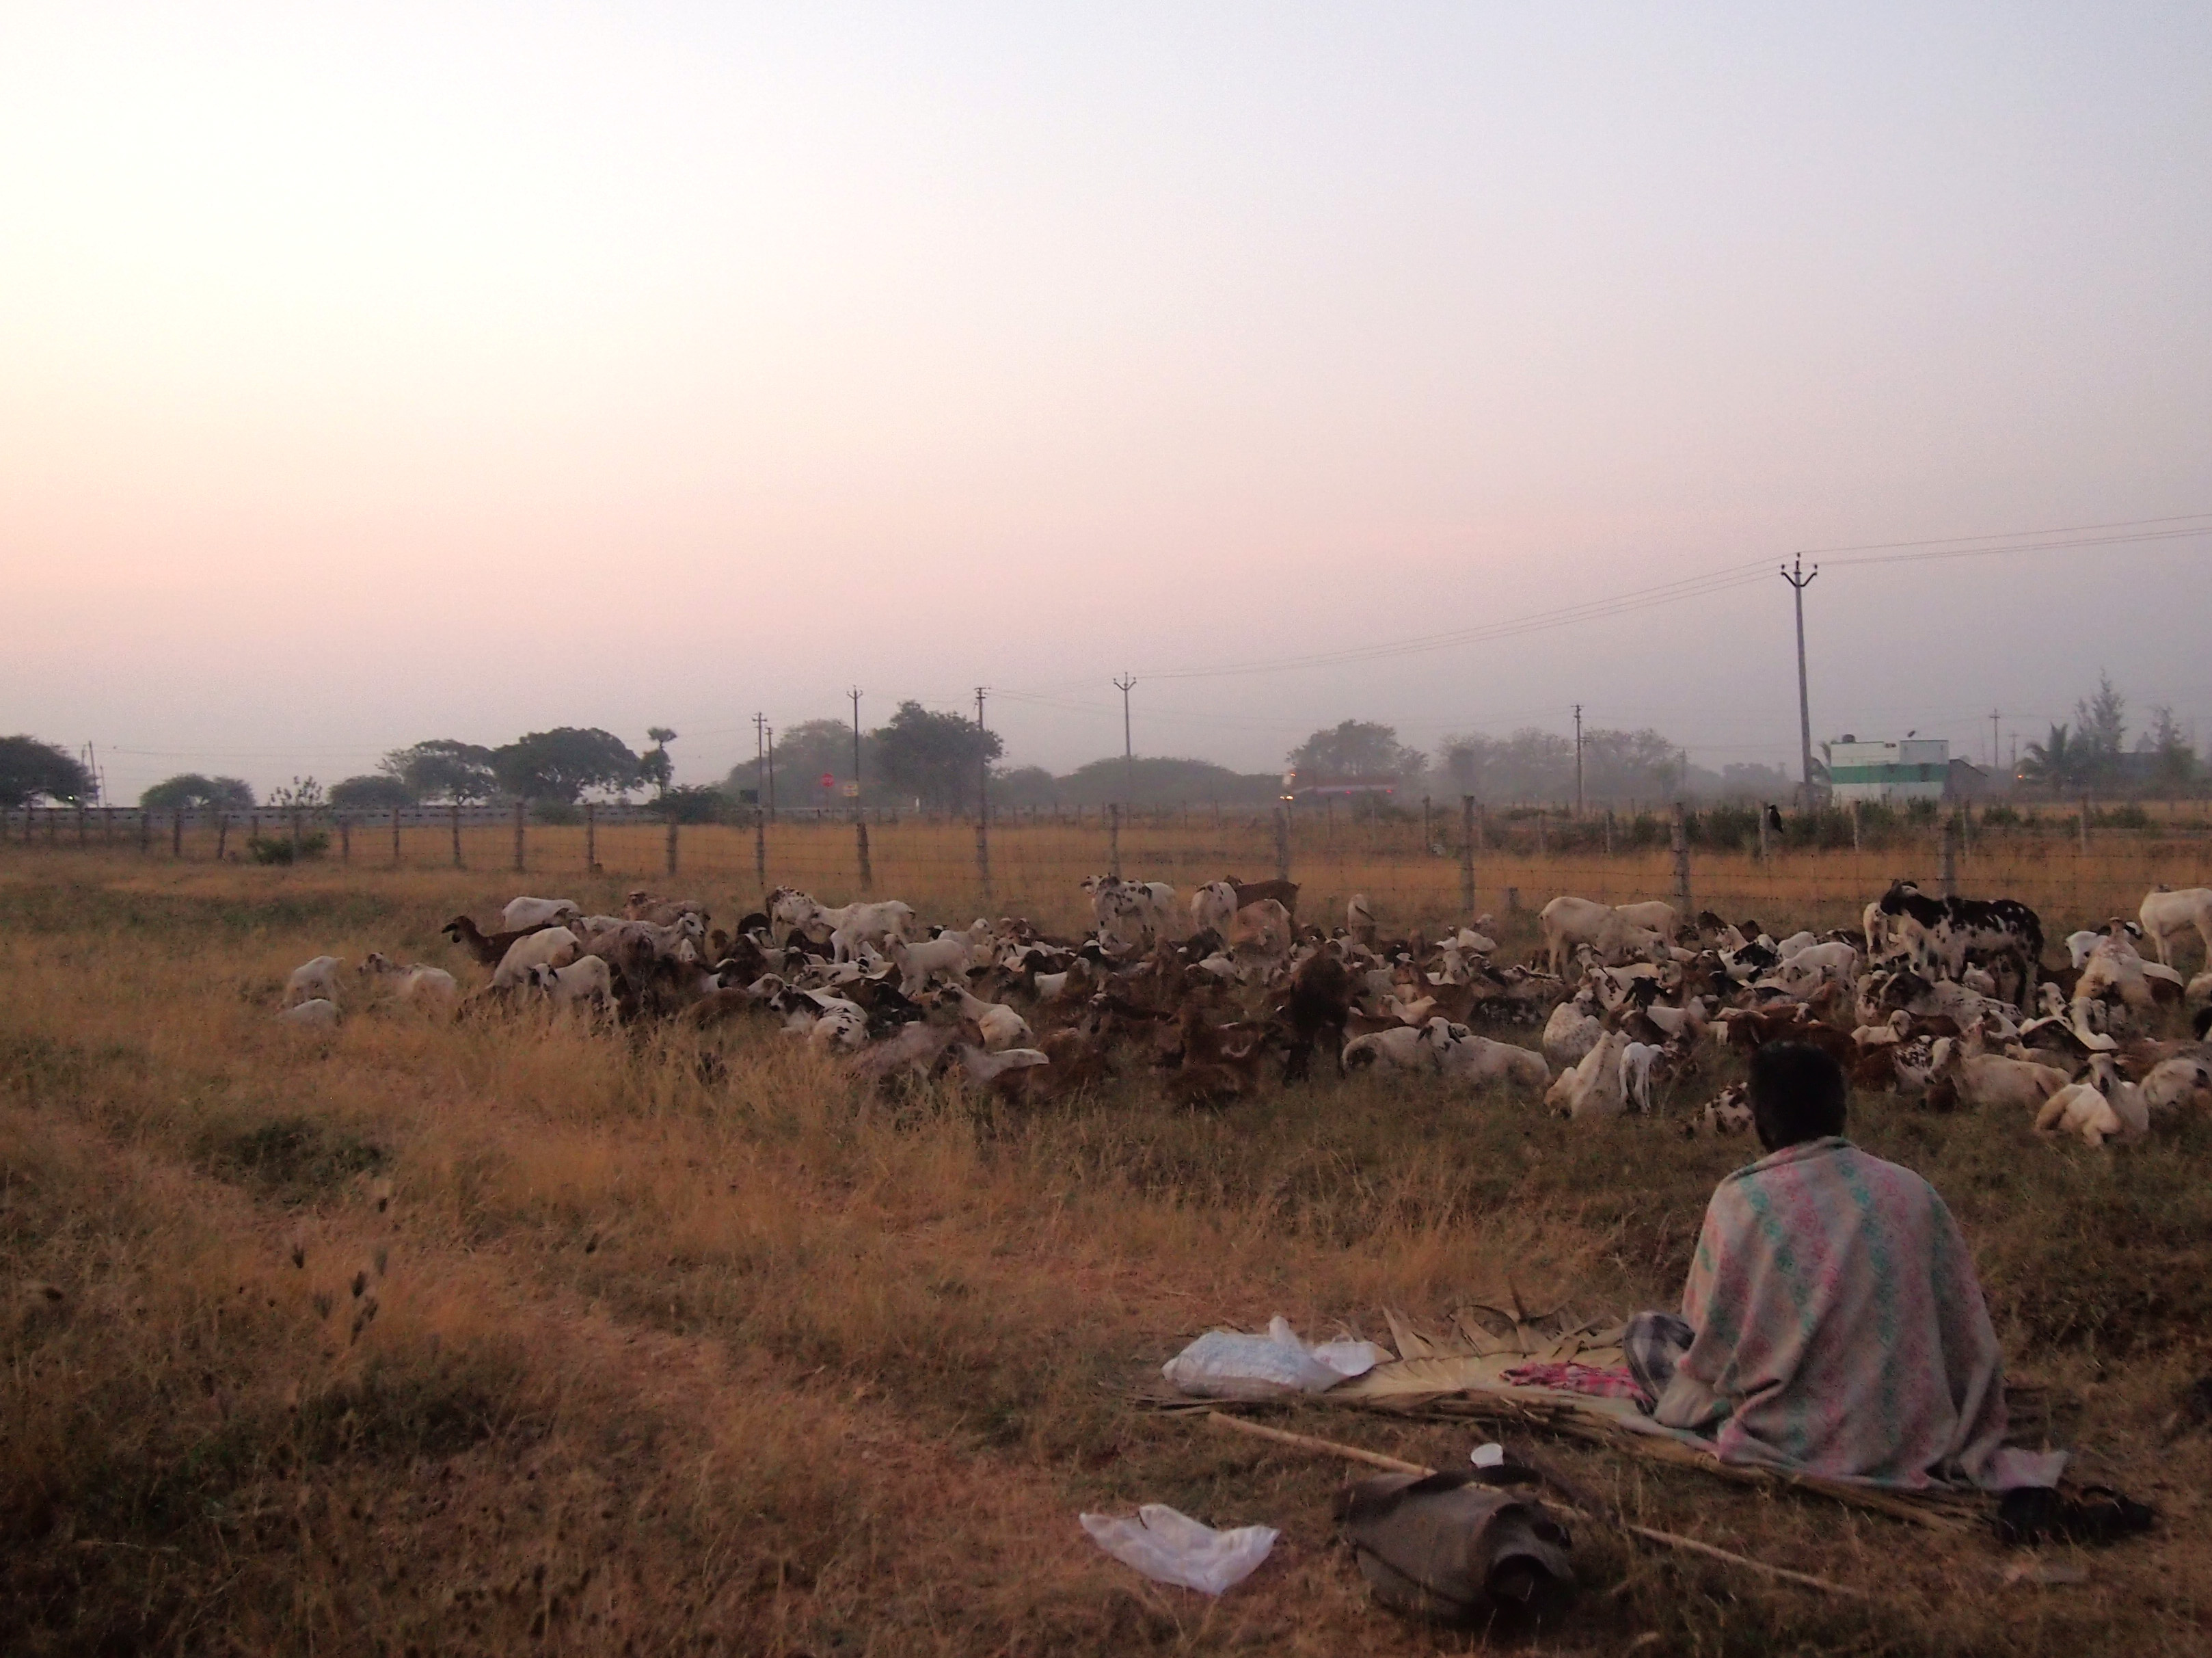 Te i gryningen vid övernattningsplatsen där jag mötte upp herdarna före vandringen.Foto; Patrick Wennström